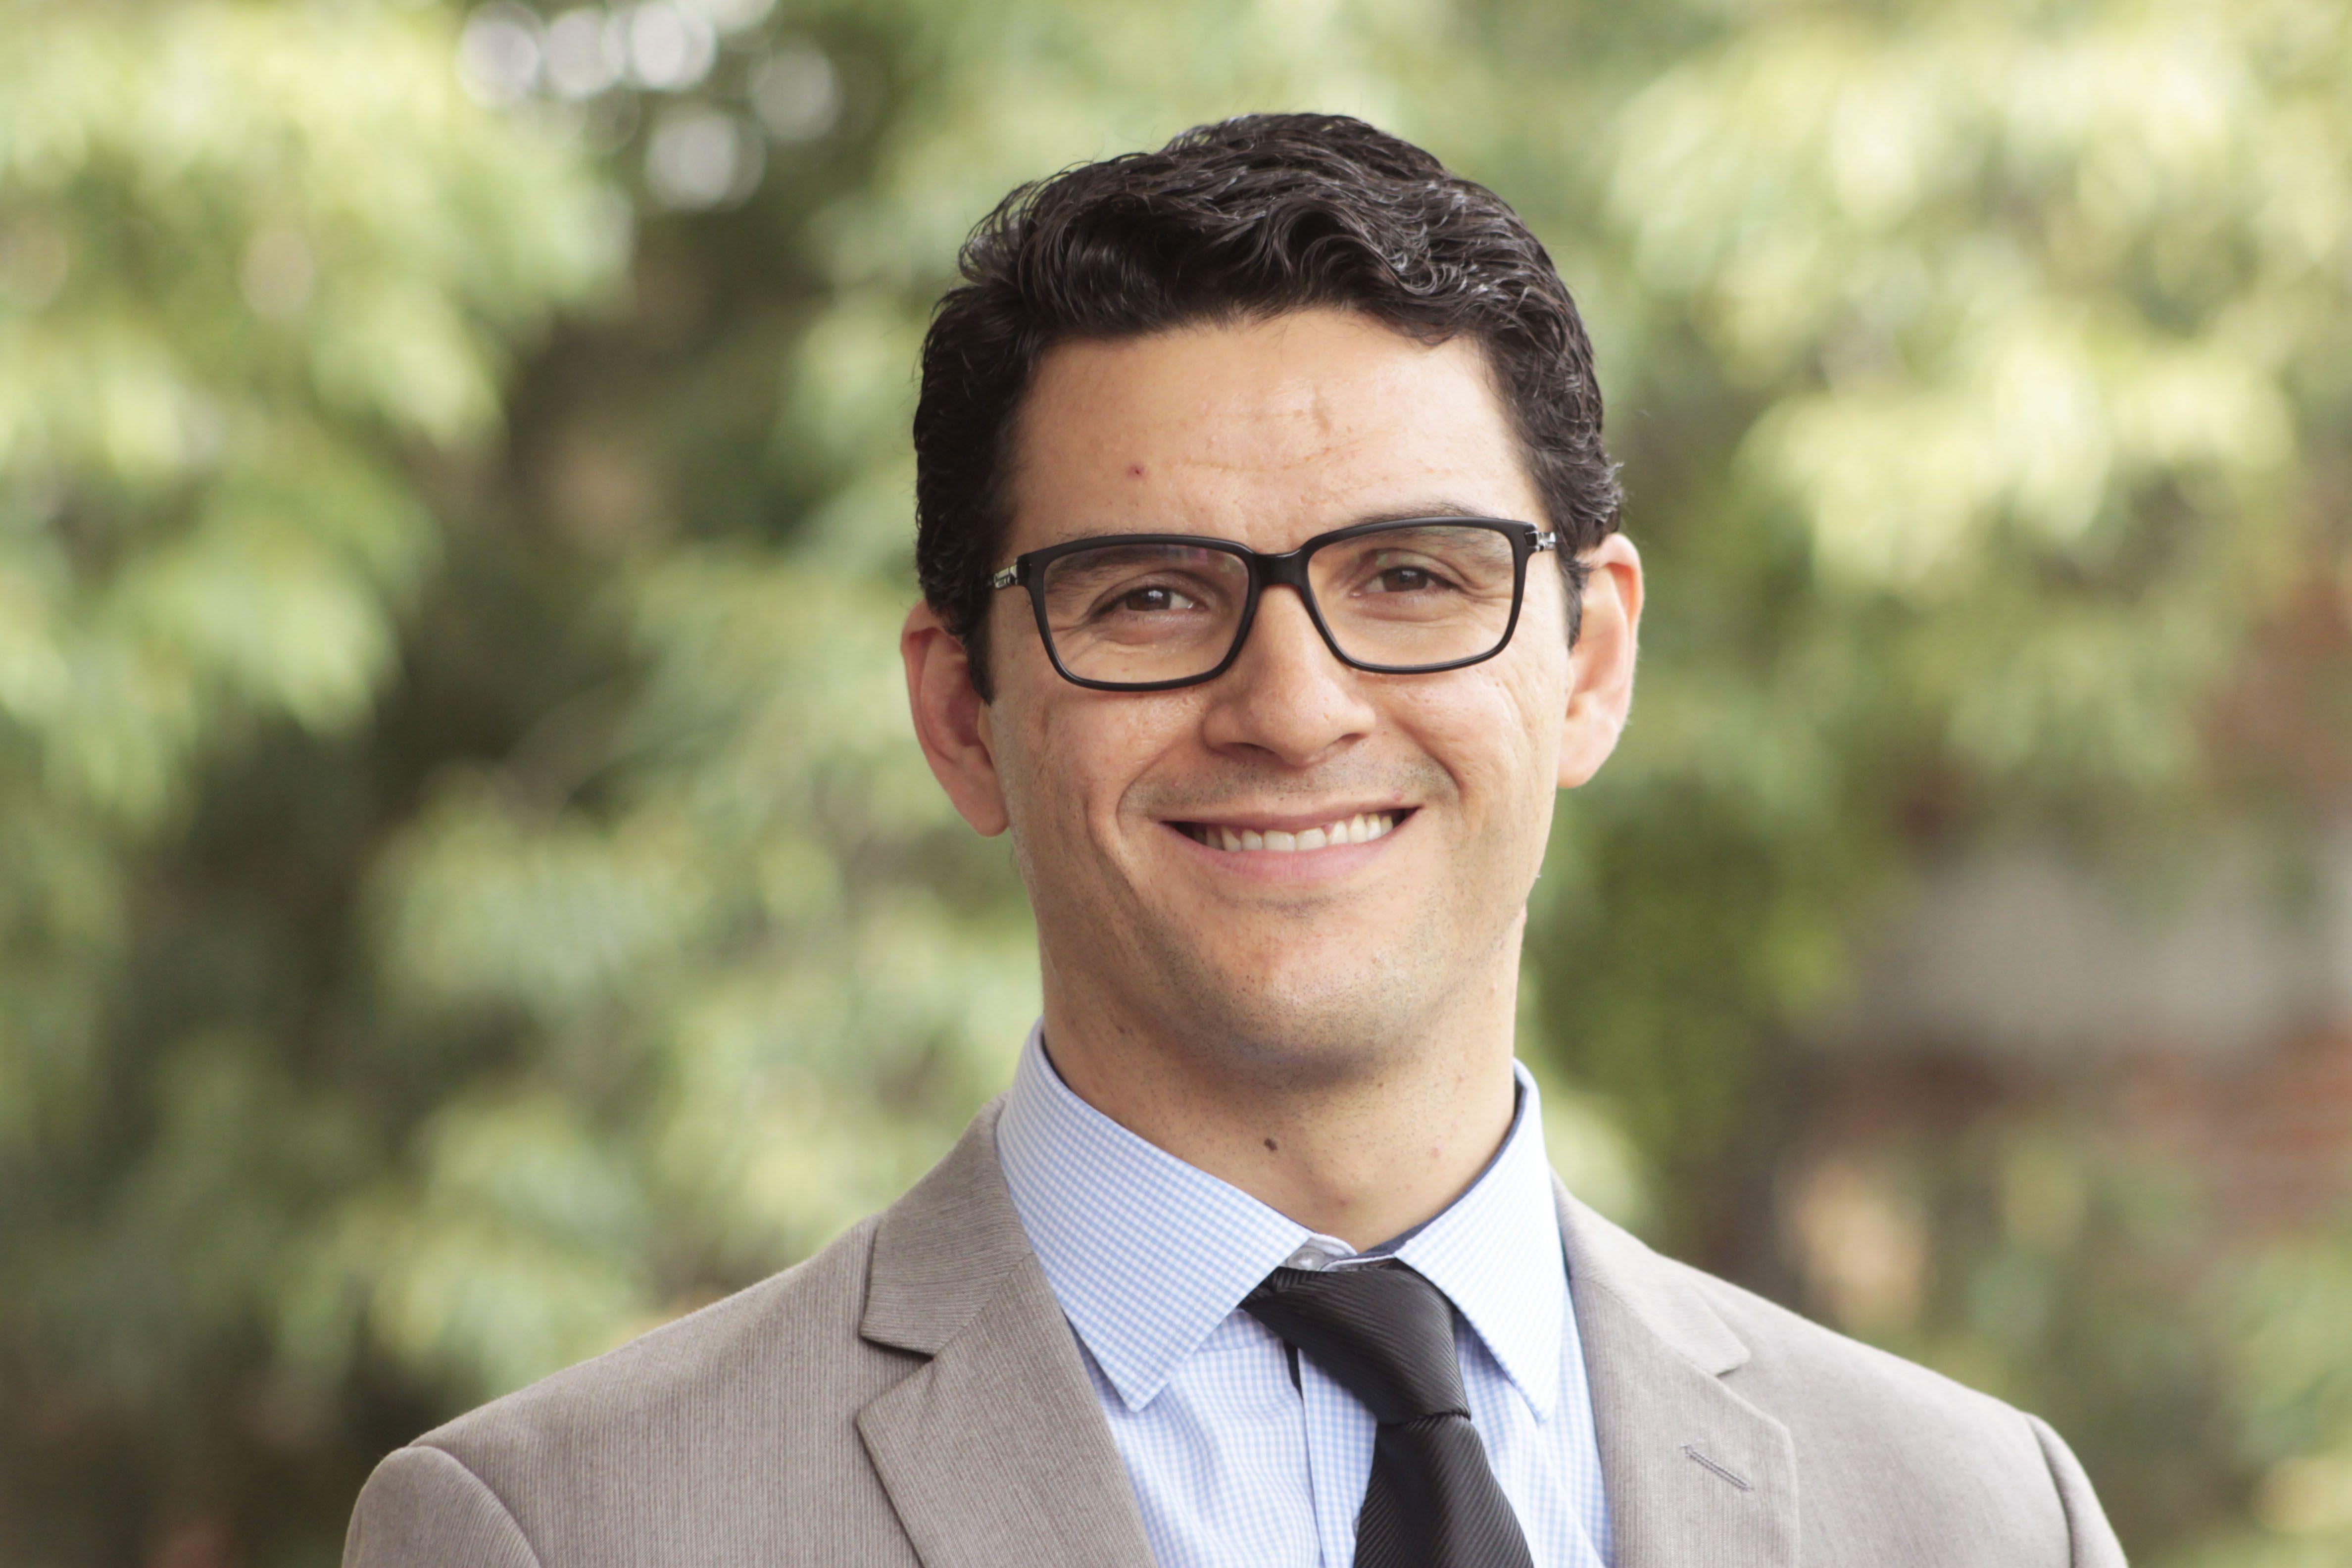 La movilidad ha mejorado, pero aún hay retos: Marco Priego